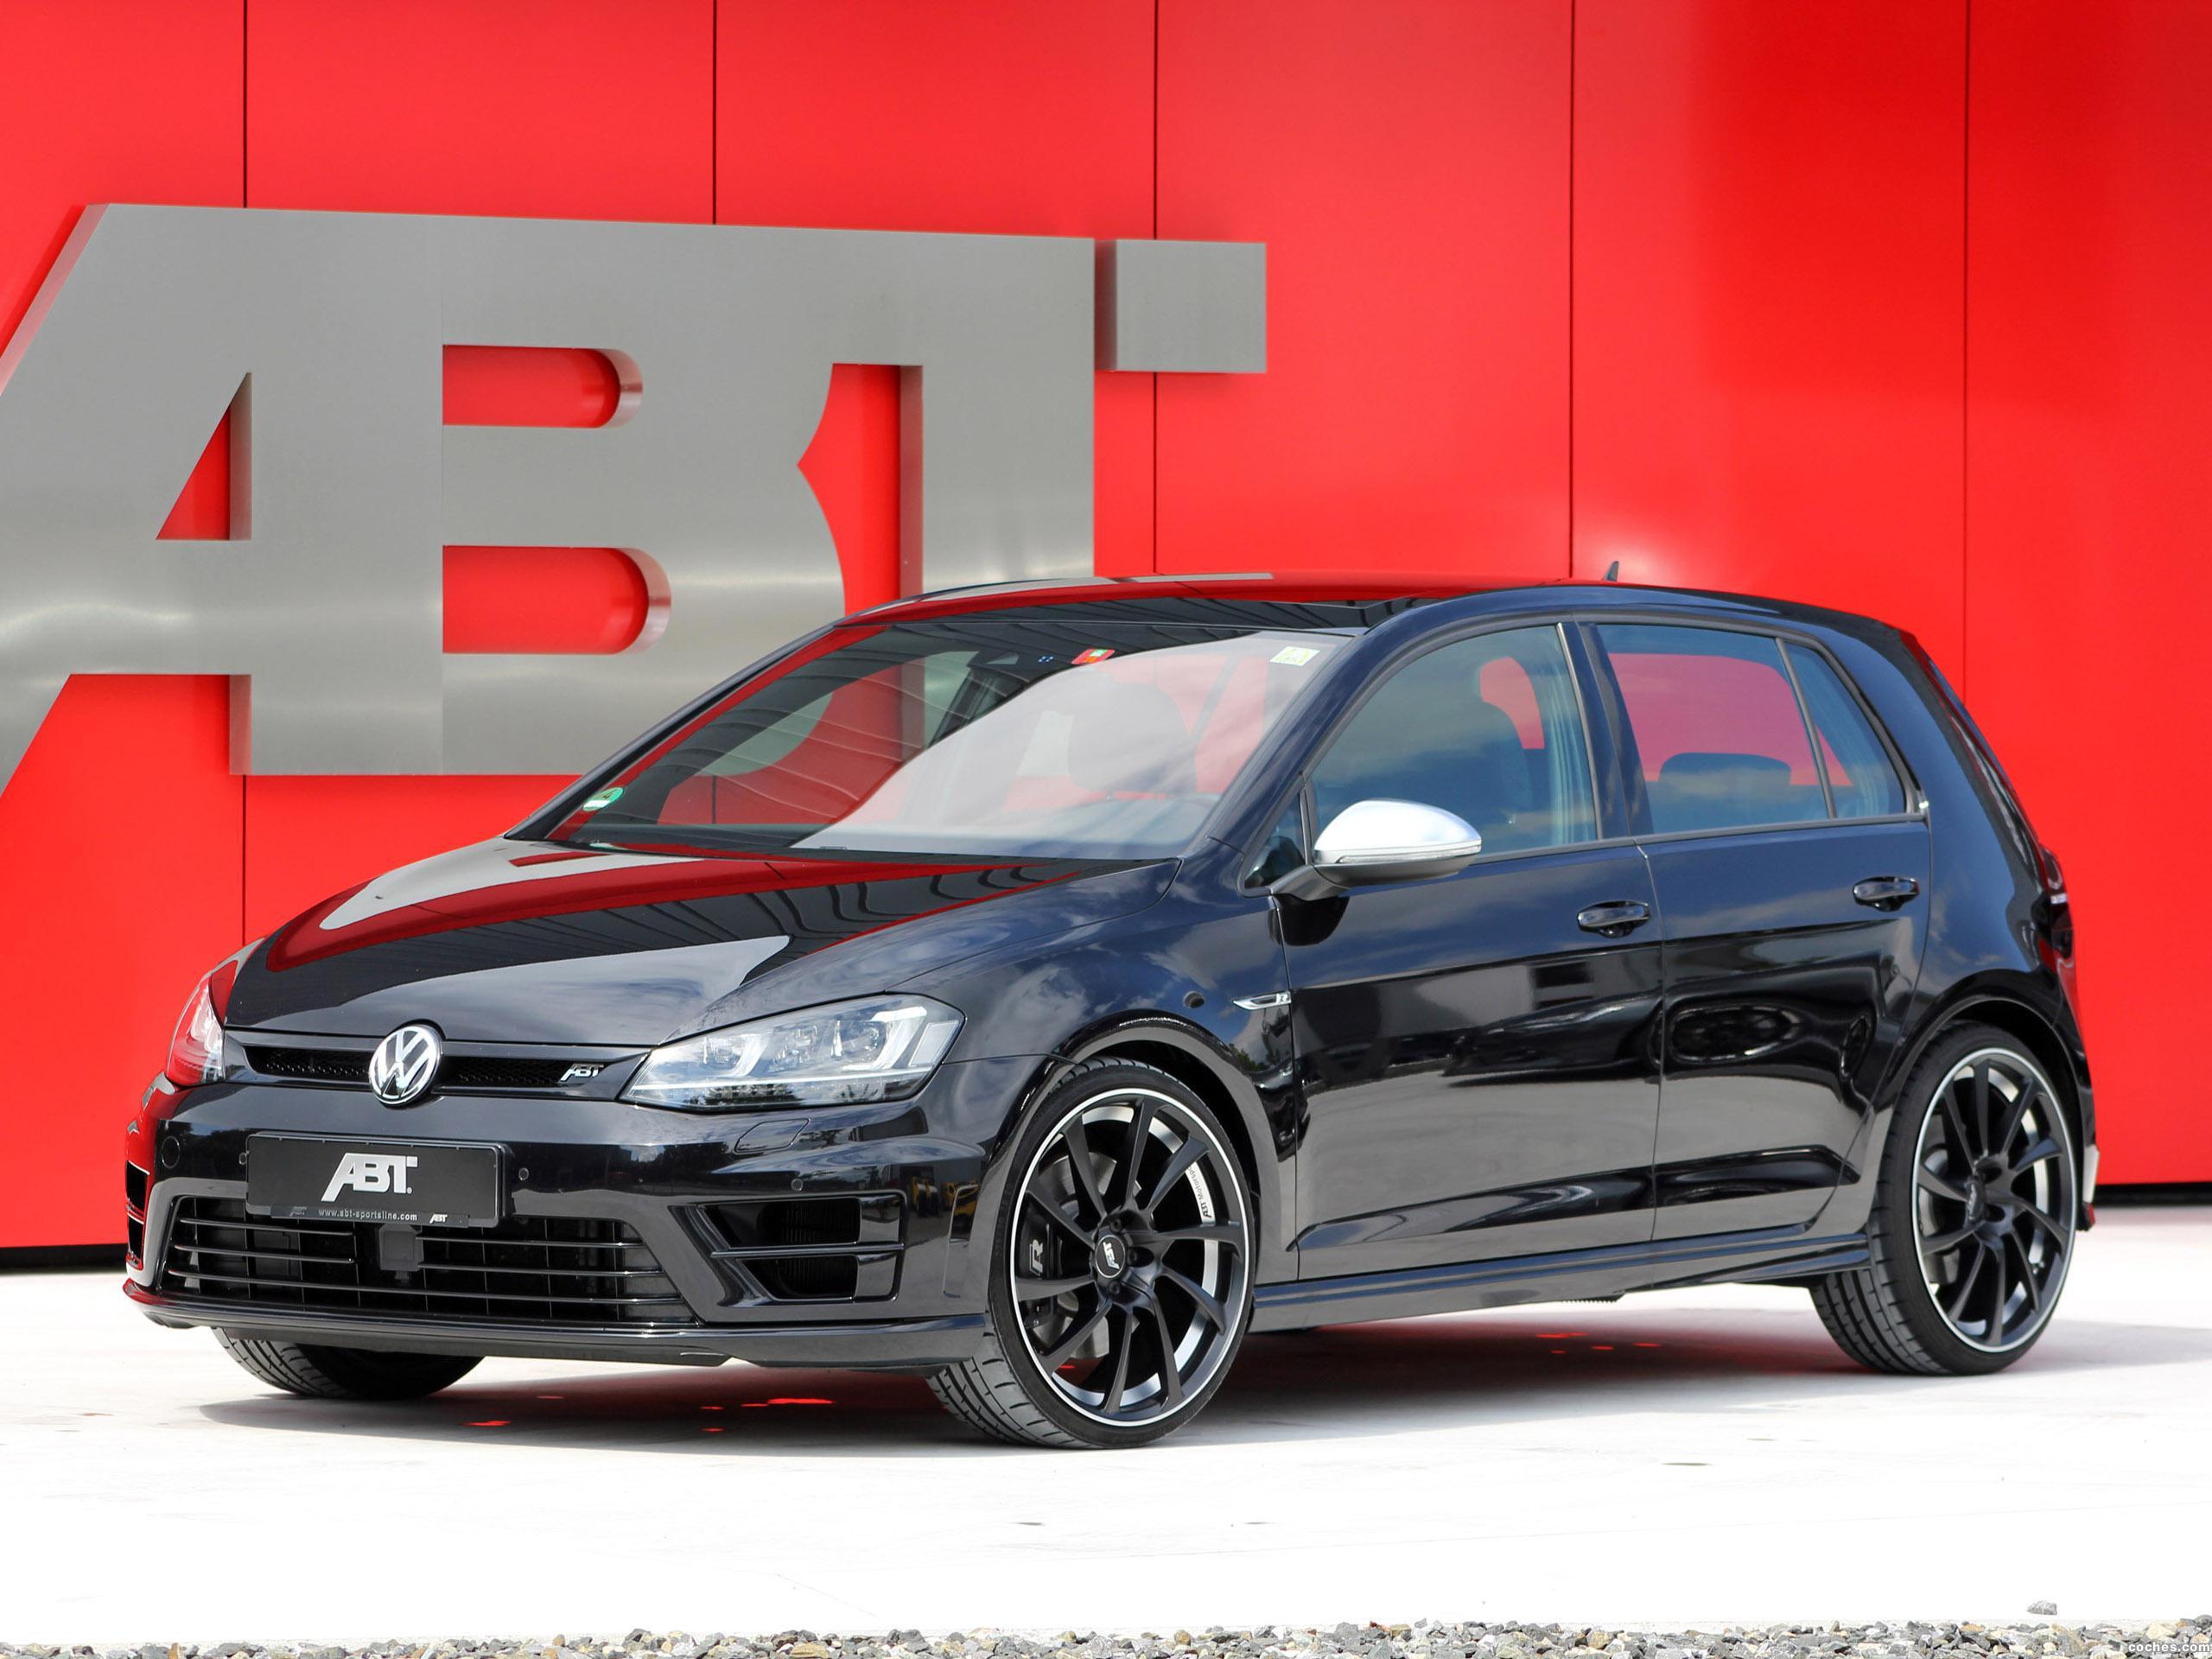 Foto 0 de ABT Volkswagen Golf R 5 puertas 2014